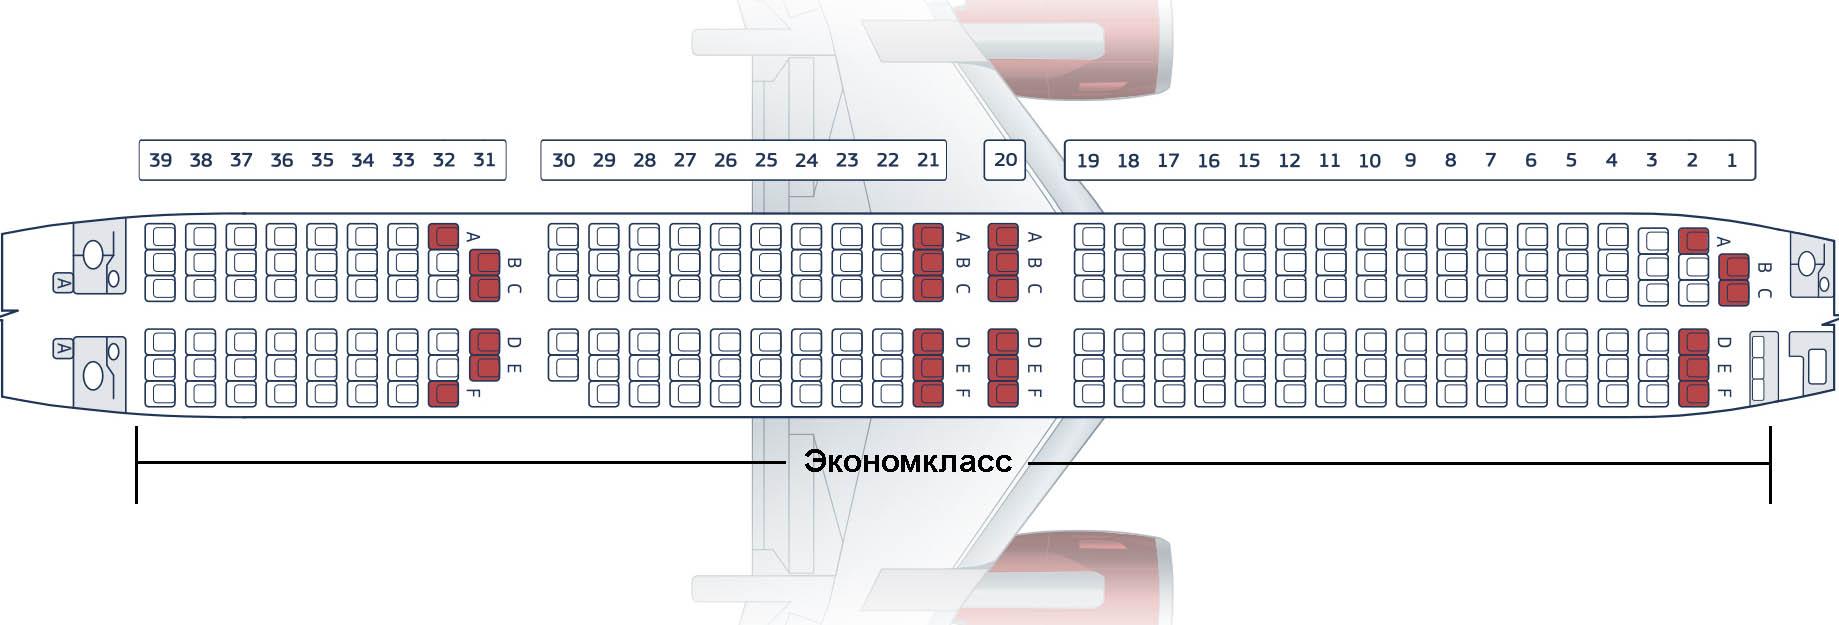 boing 737 900 shema salona 1